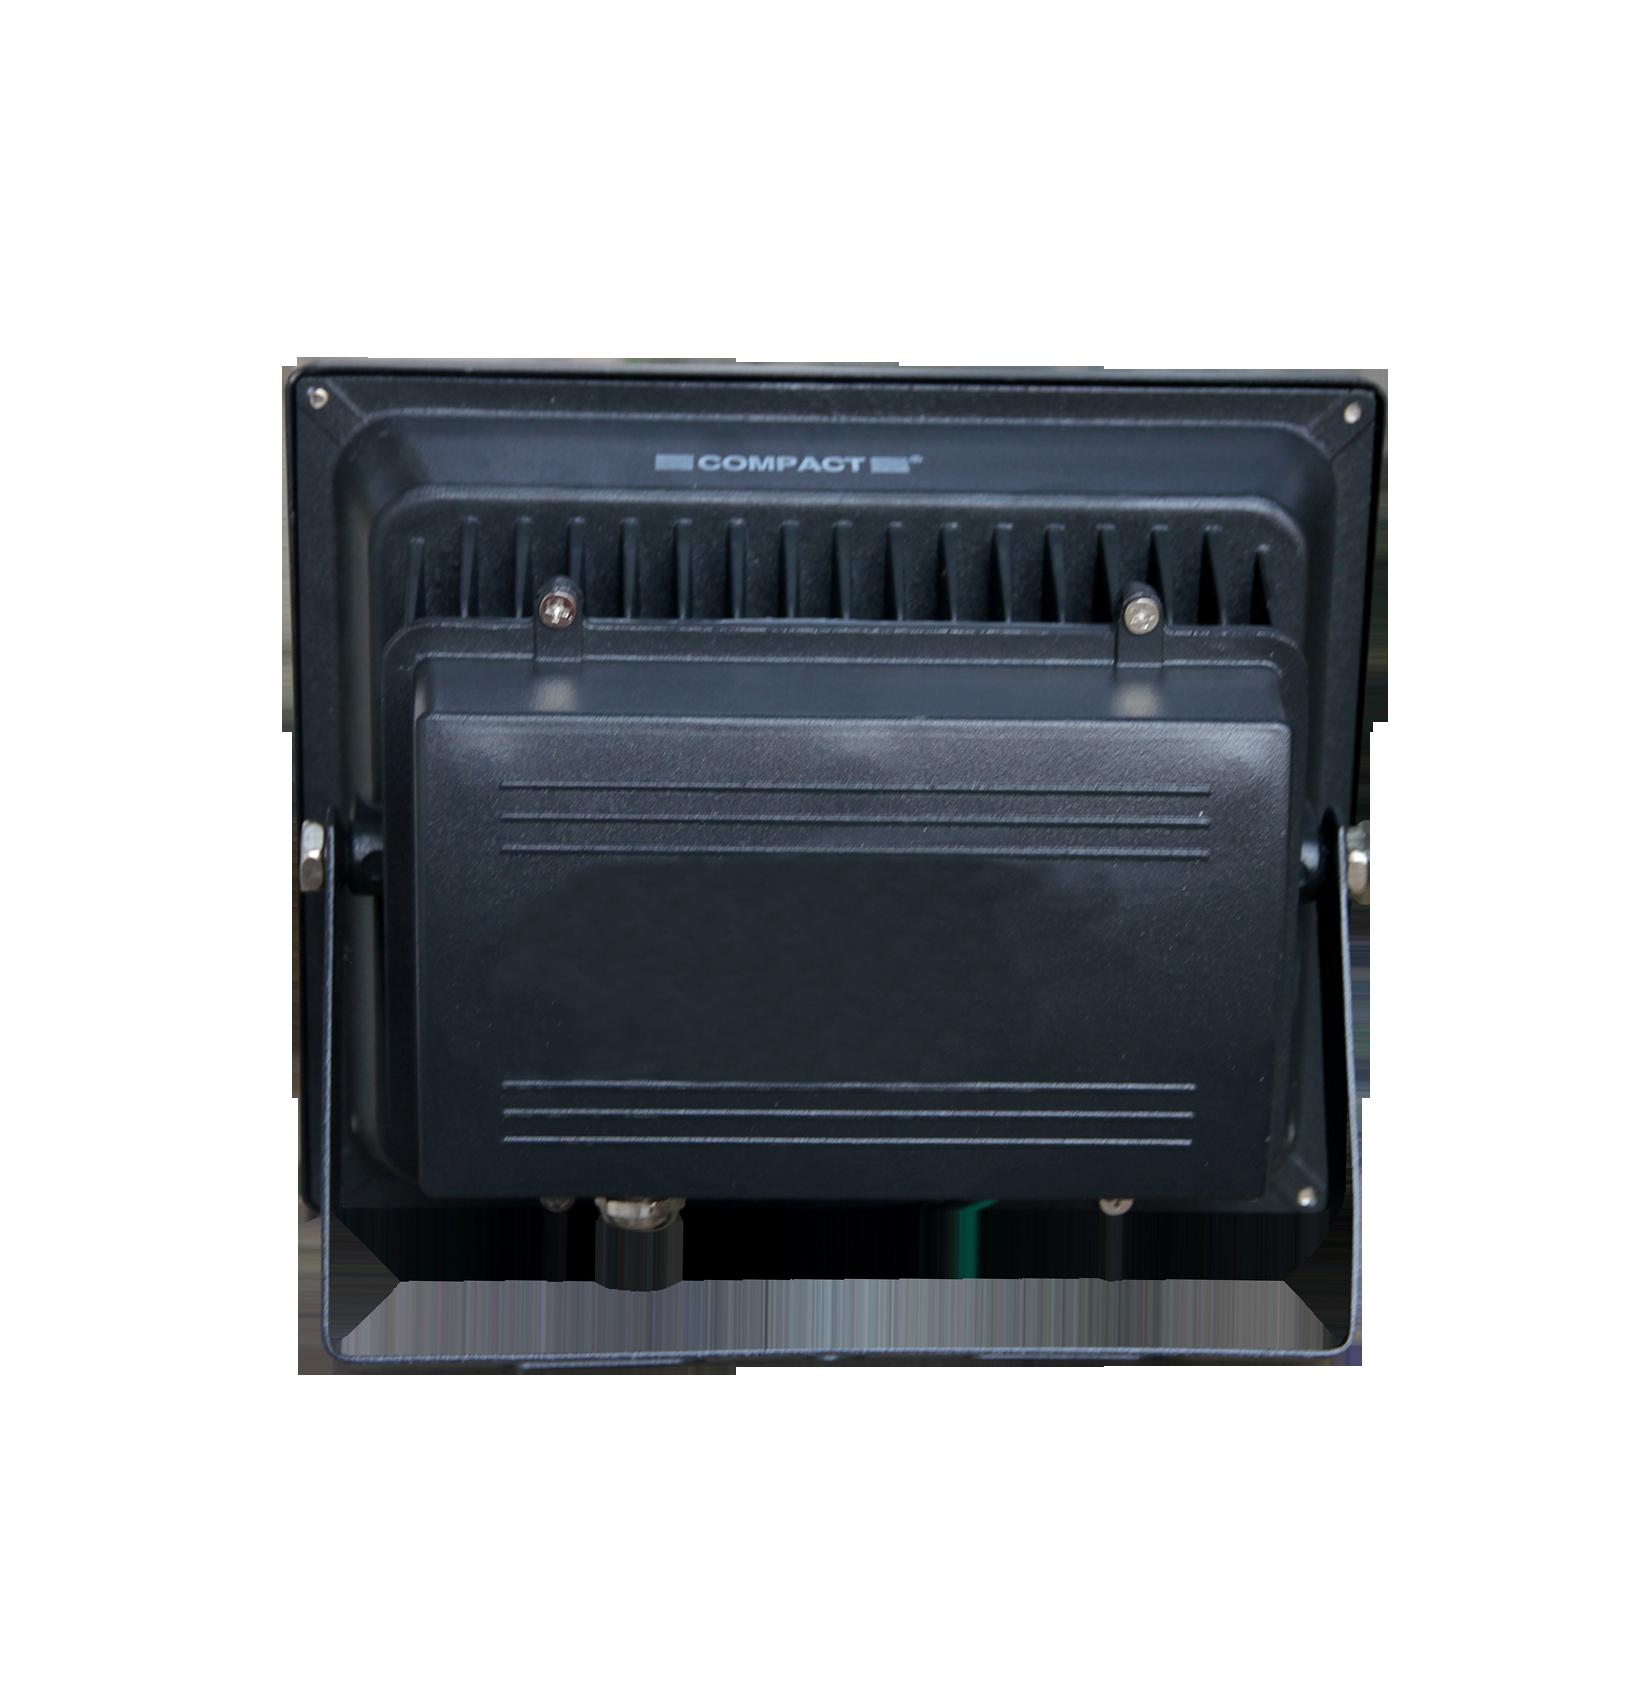 COMPACT 20W SAPPHIRE LED FLOOD LIGHT - Compact